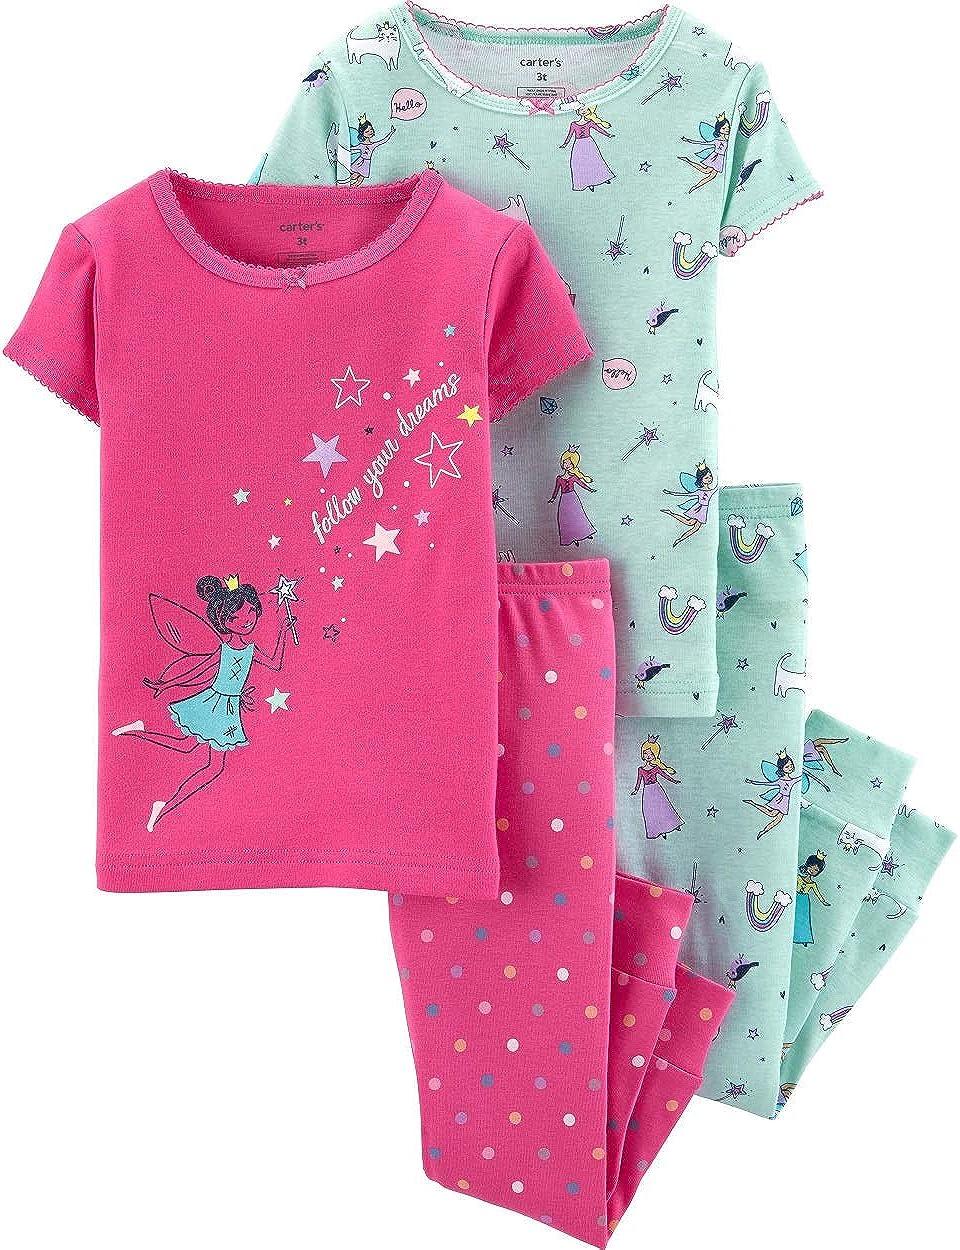 24 Months Carters 4-Piece Fairy Snug Fit Cotton PJs